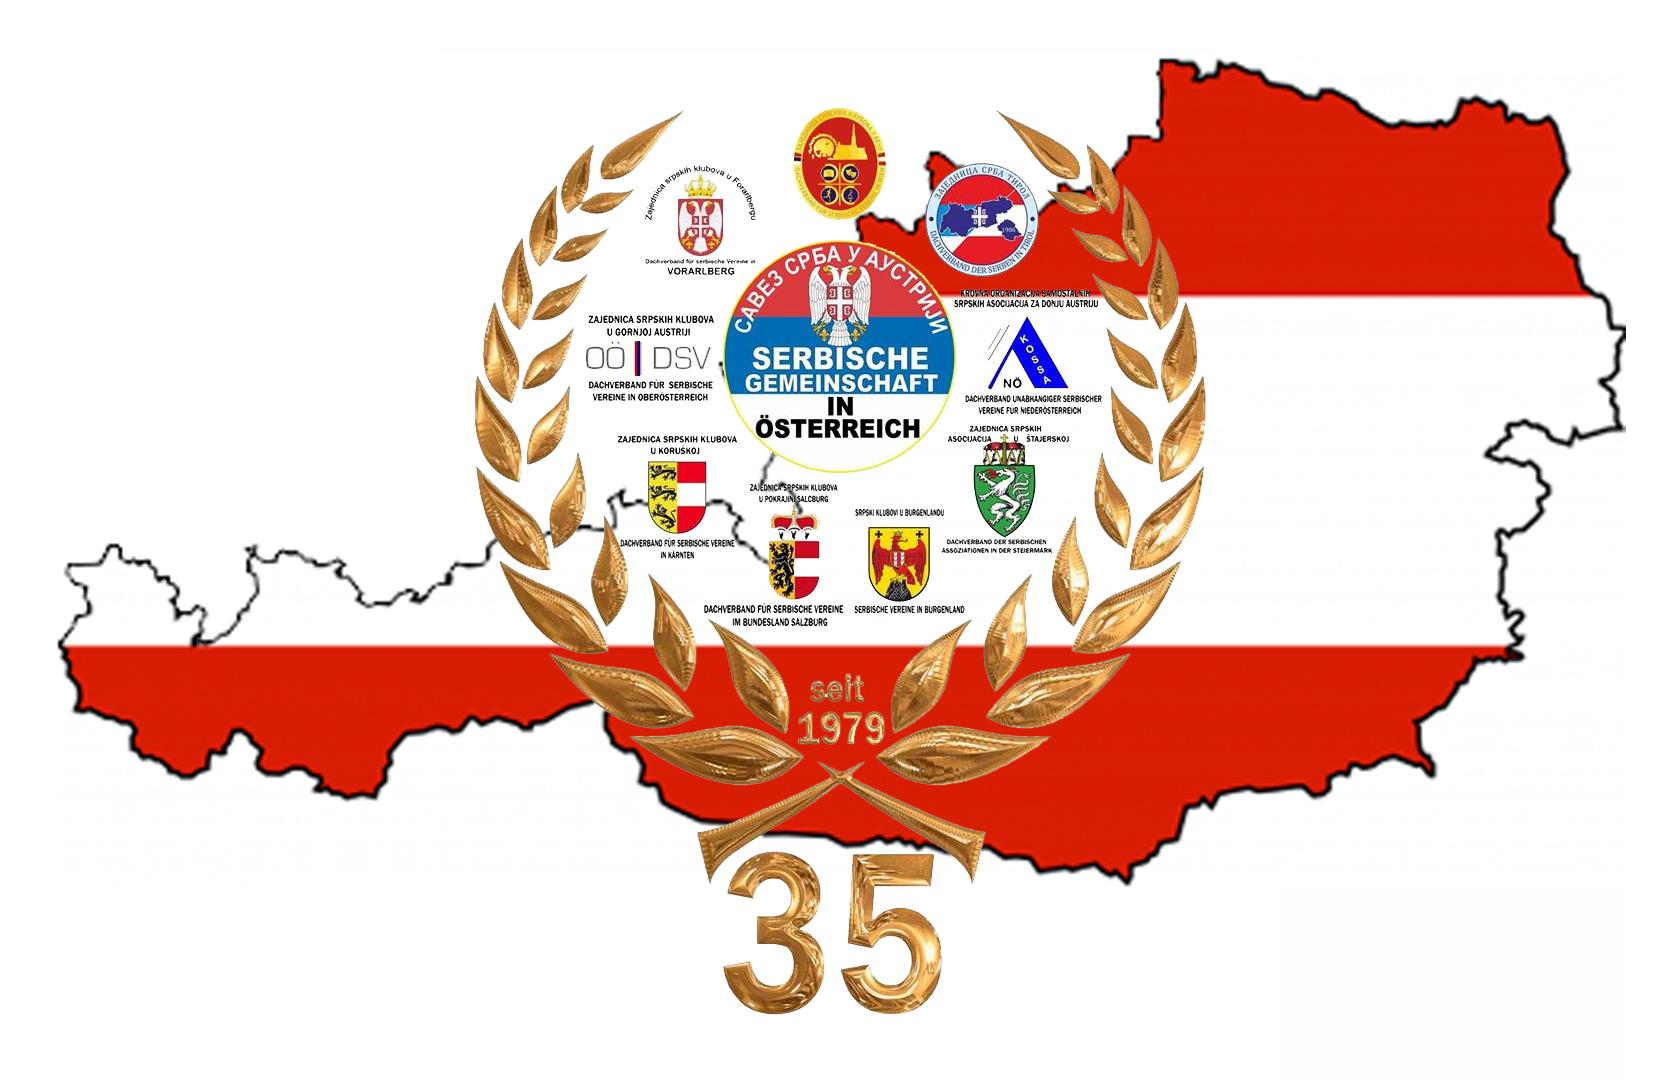 Serbisch Frohe Weihnachten.35 Jahre Serbische Gemeinschaft In Osterreich Dijaspora Tv